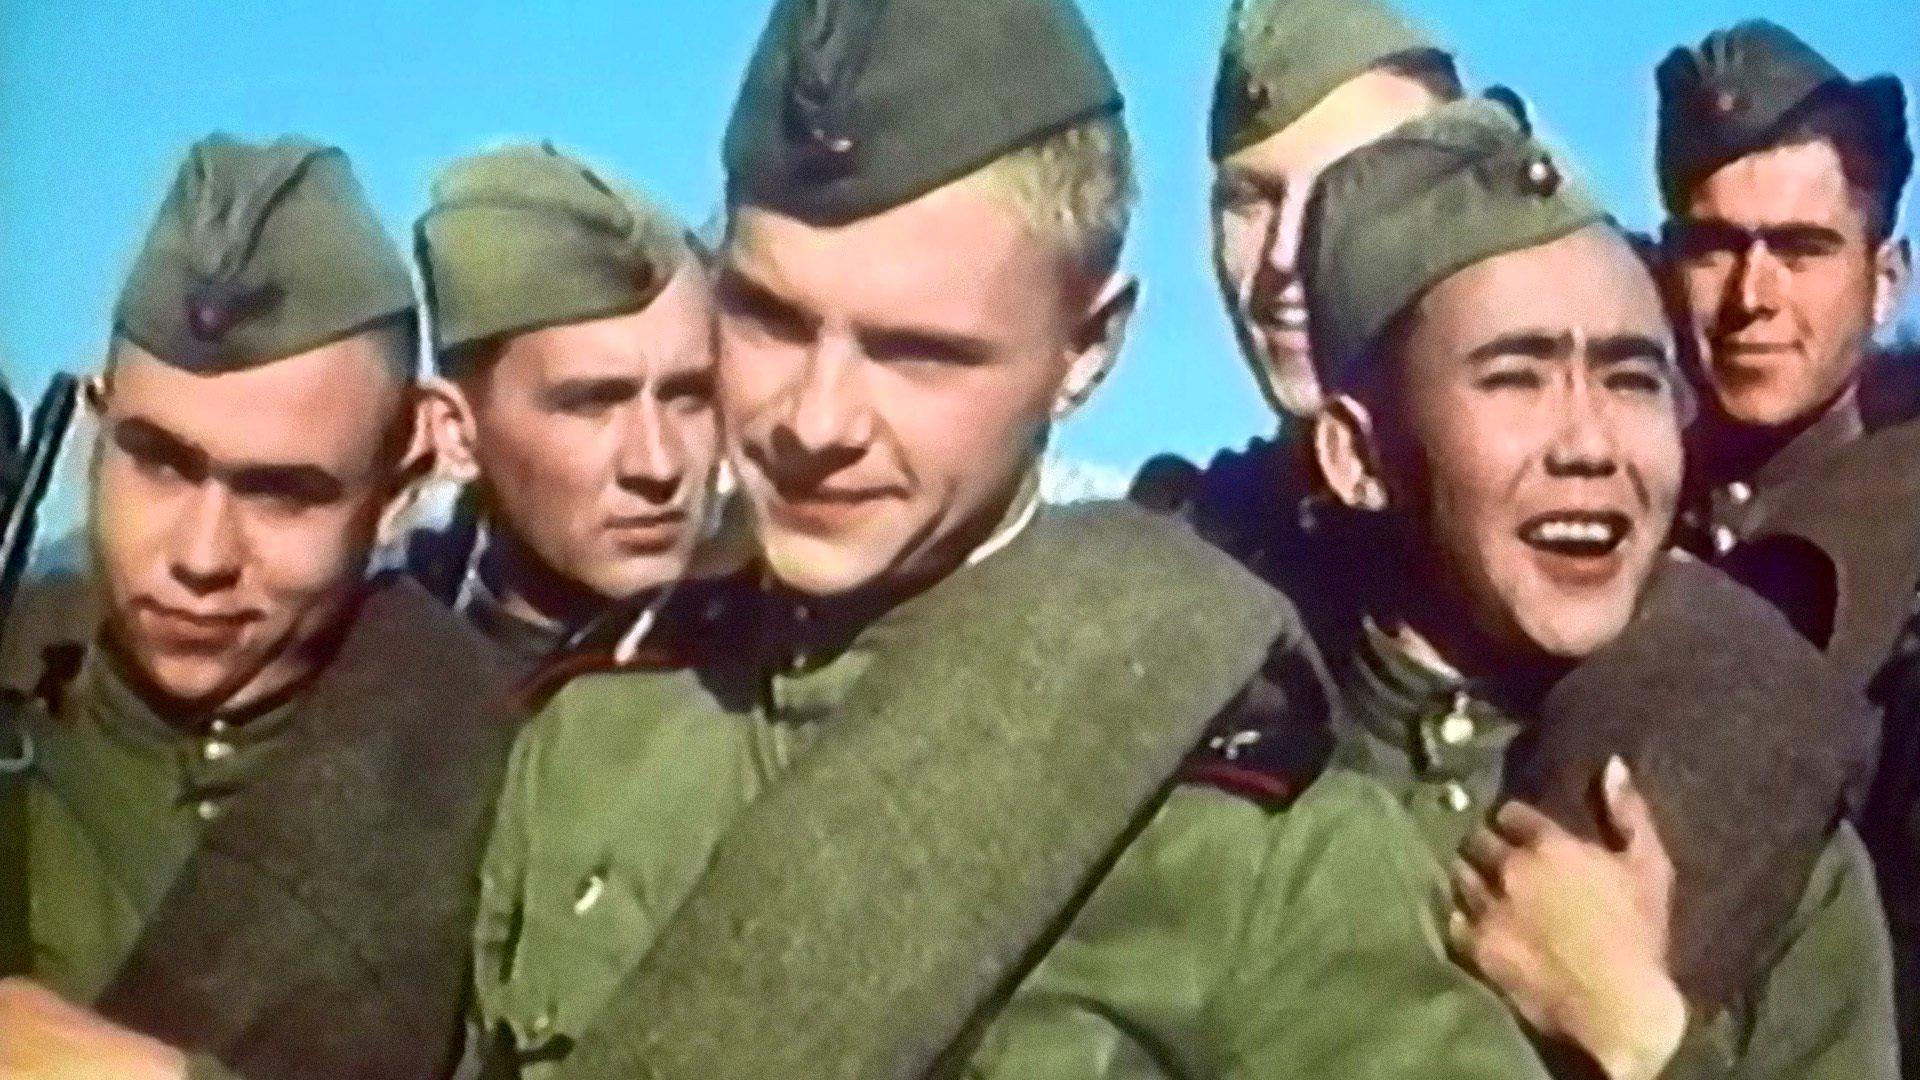 Солдат Иван Бровкин смотреть фото